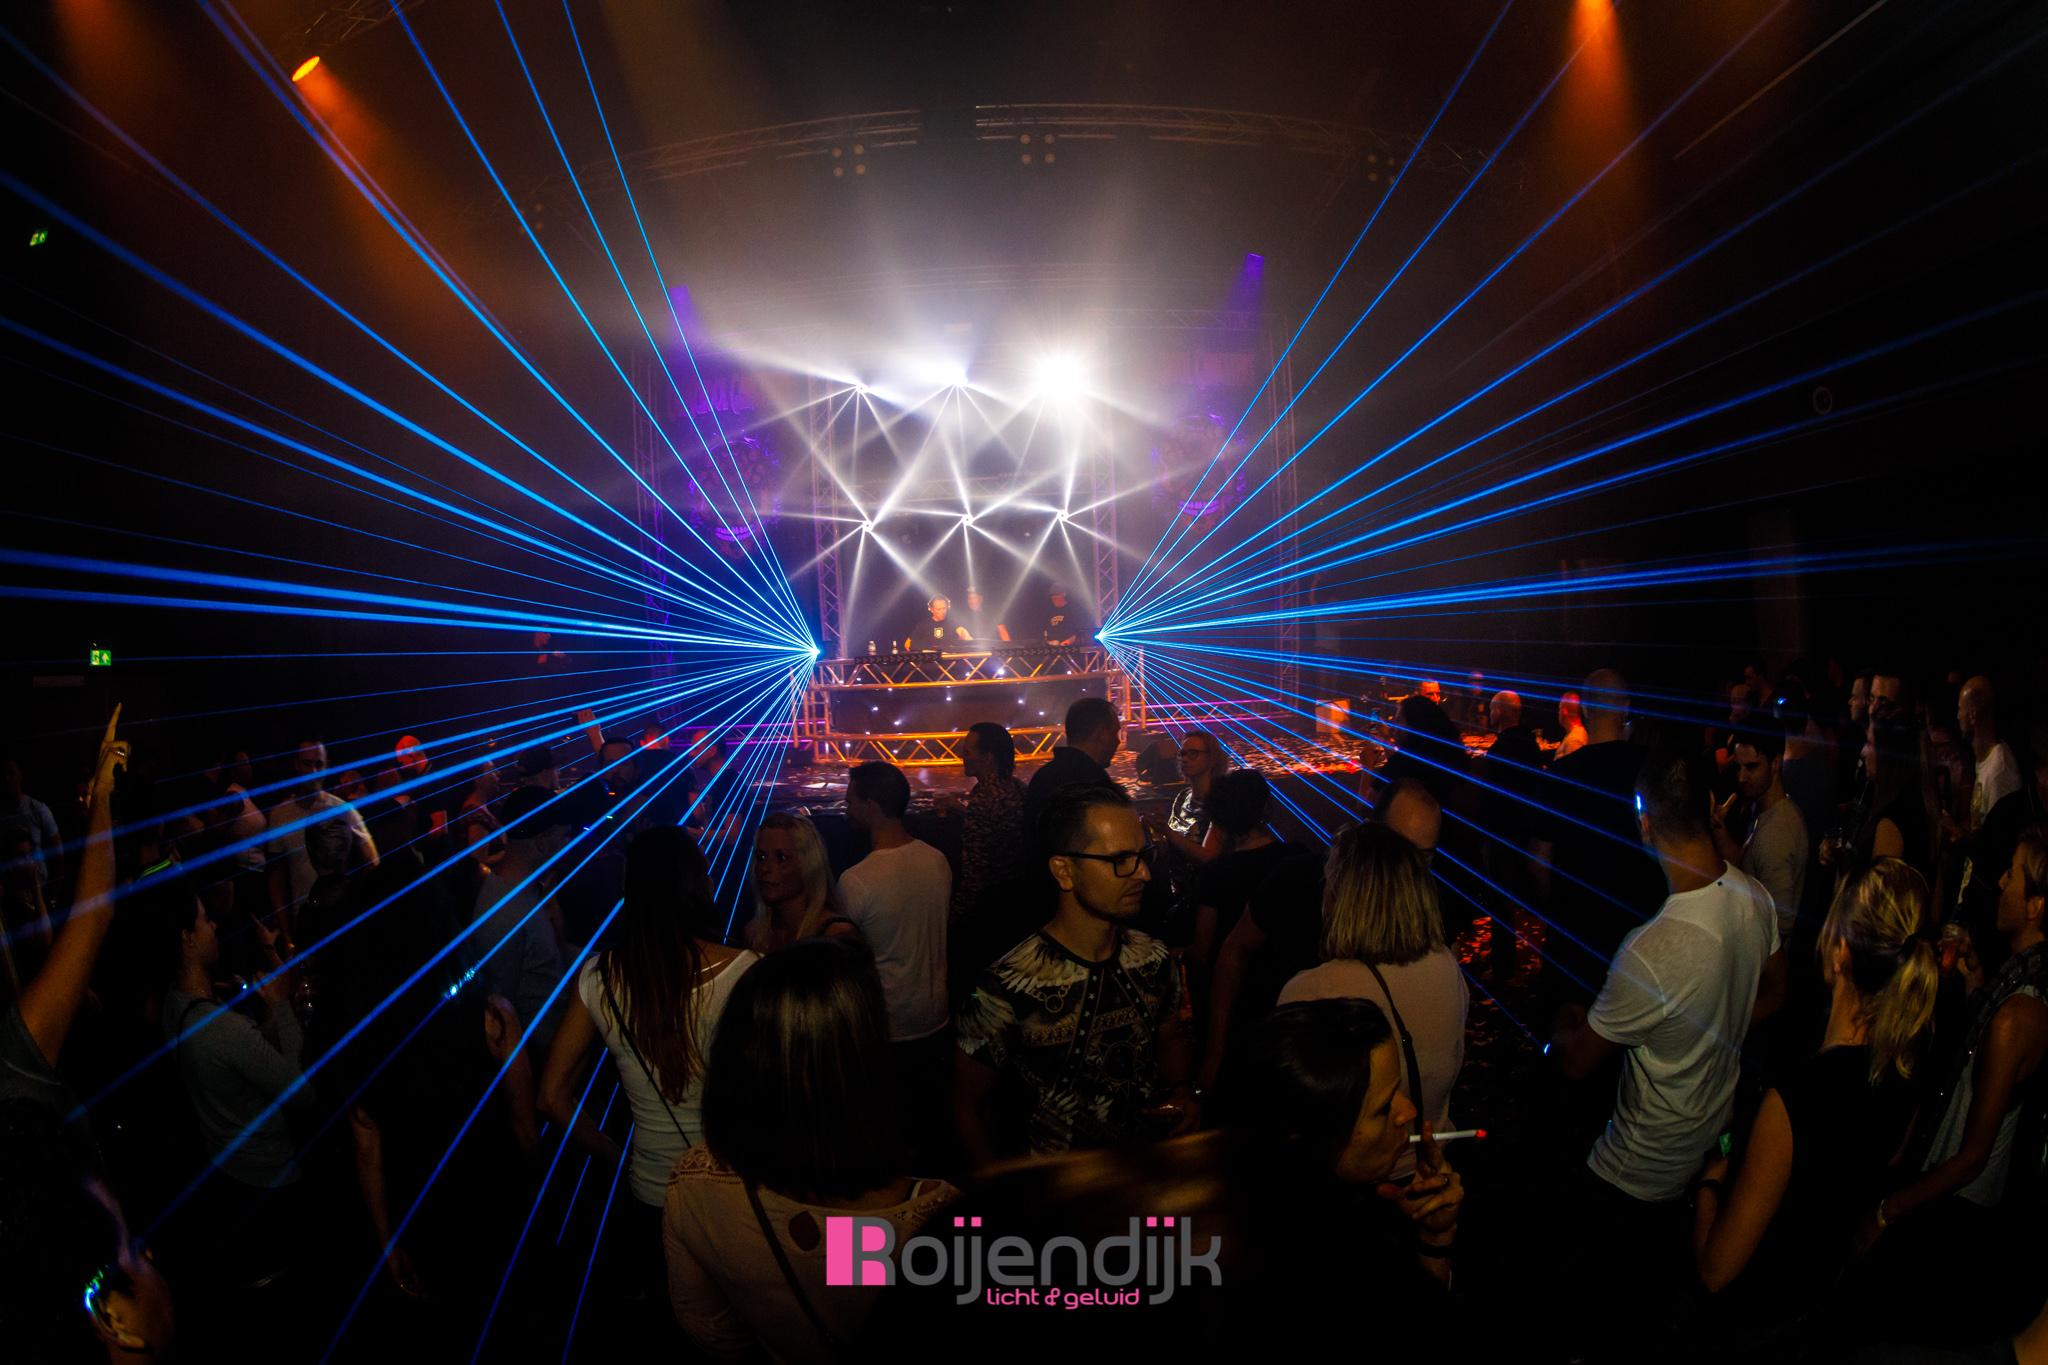 Fabulous Events | Bazenfeest | Markant Uden | Roijendijk Licht En Geluid | RLG | R-LG